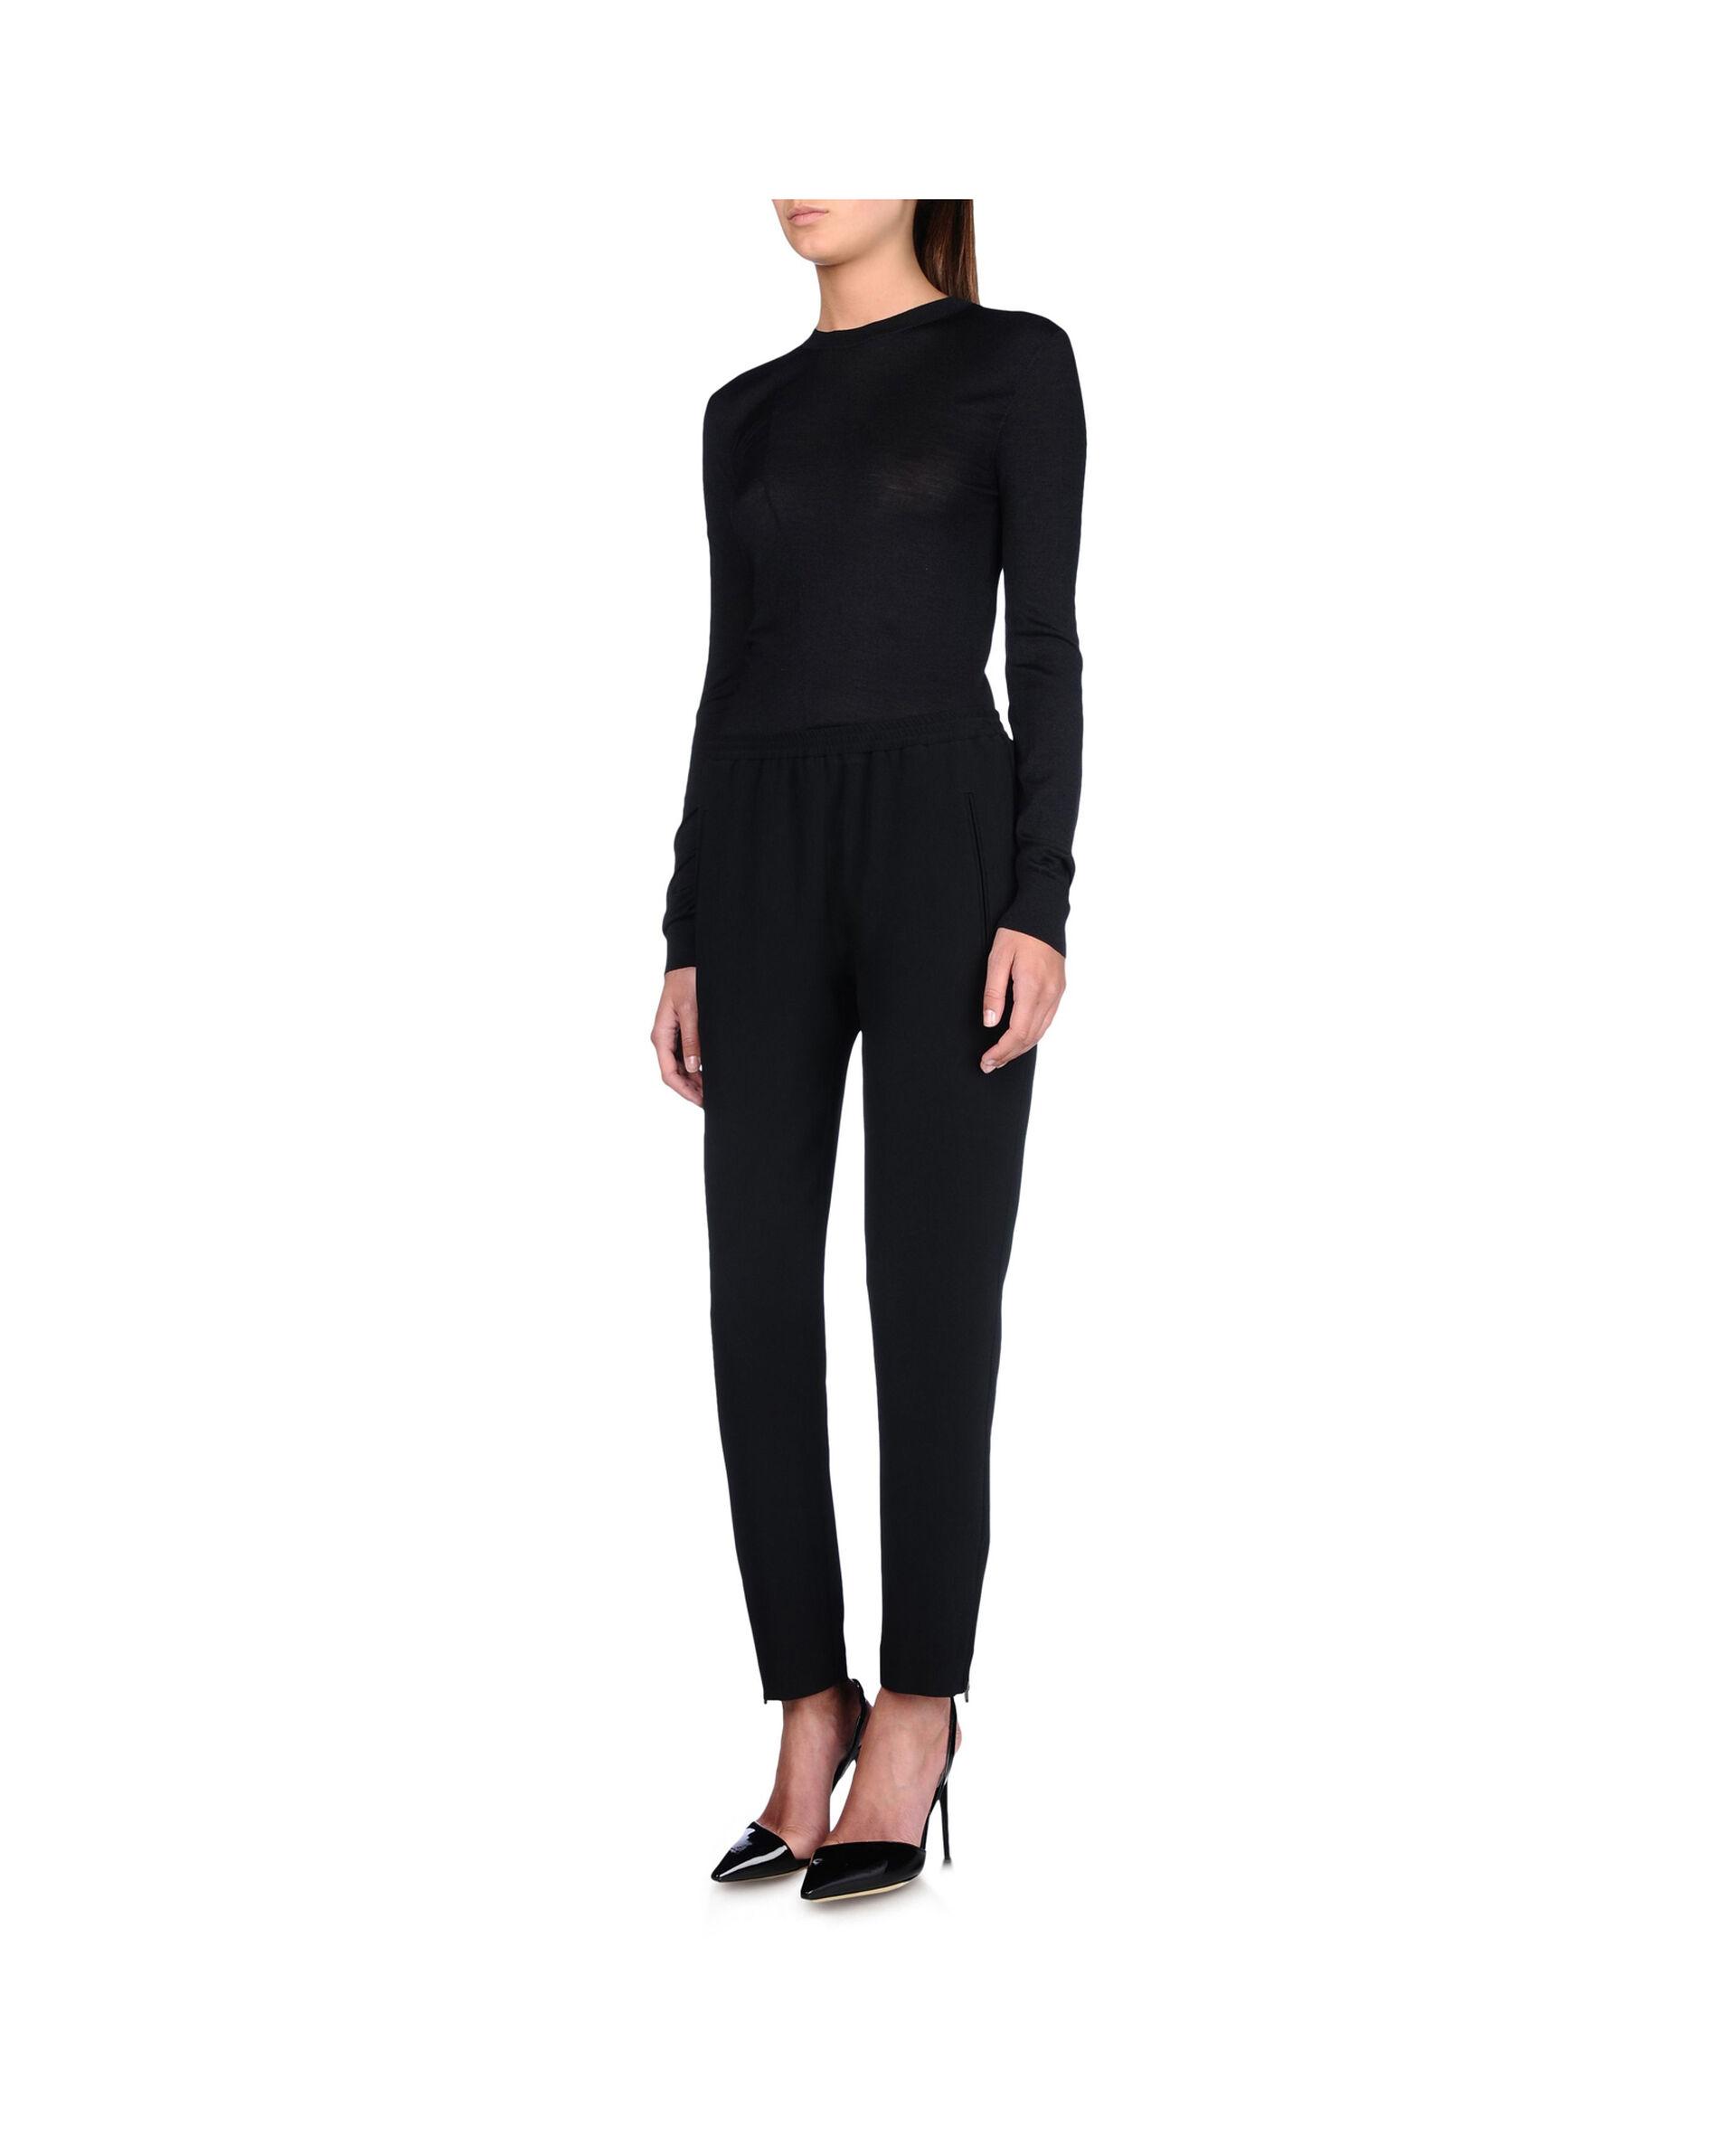 Pantalon Tamara-Noir-large image number 2